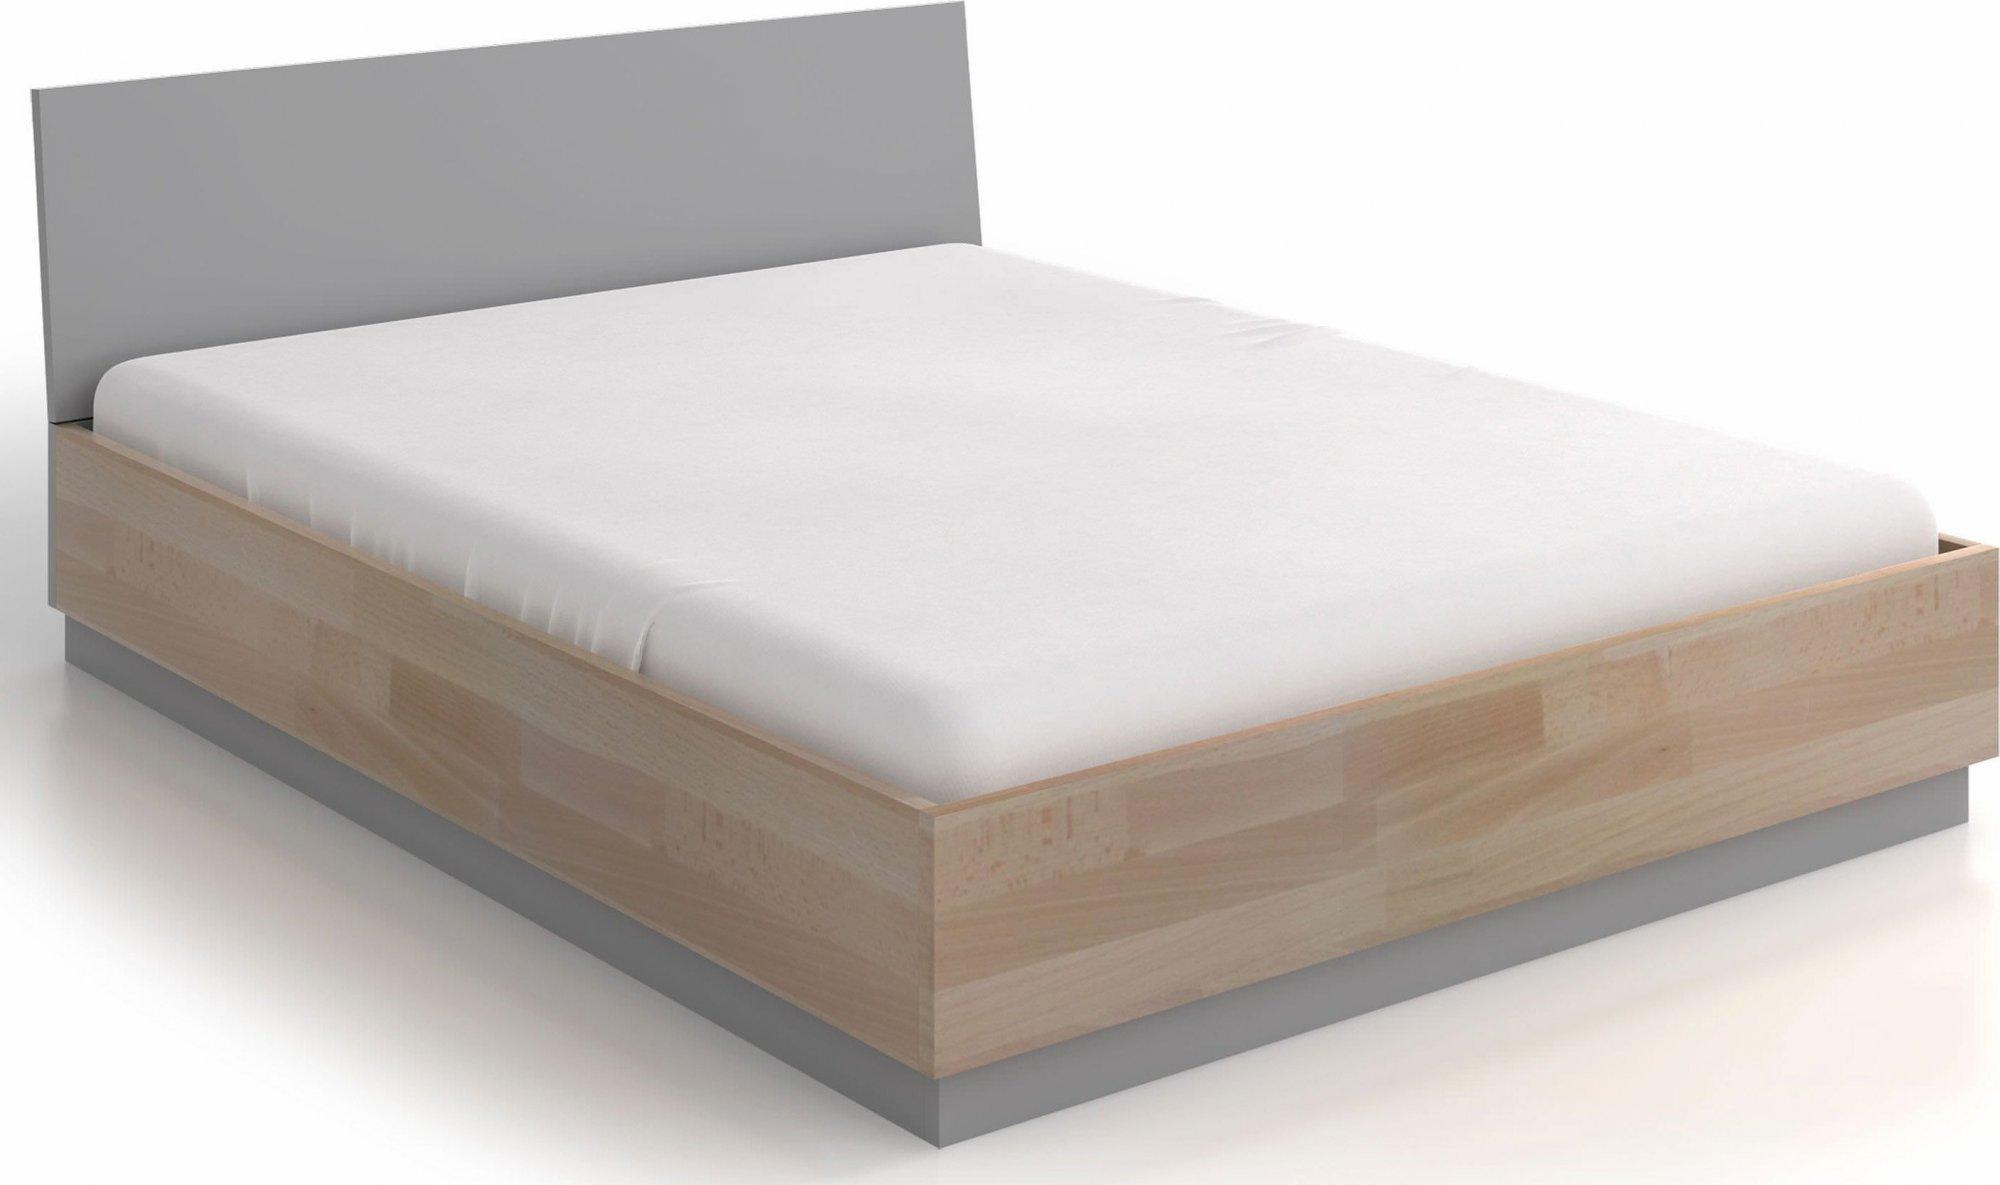 Lit avec tête de lit et sommier bois massif clair 180x200cm